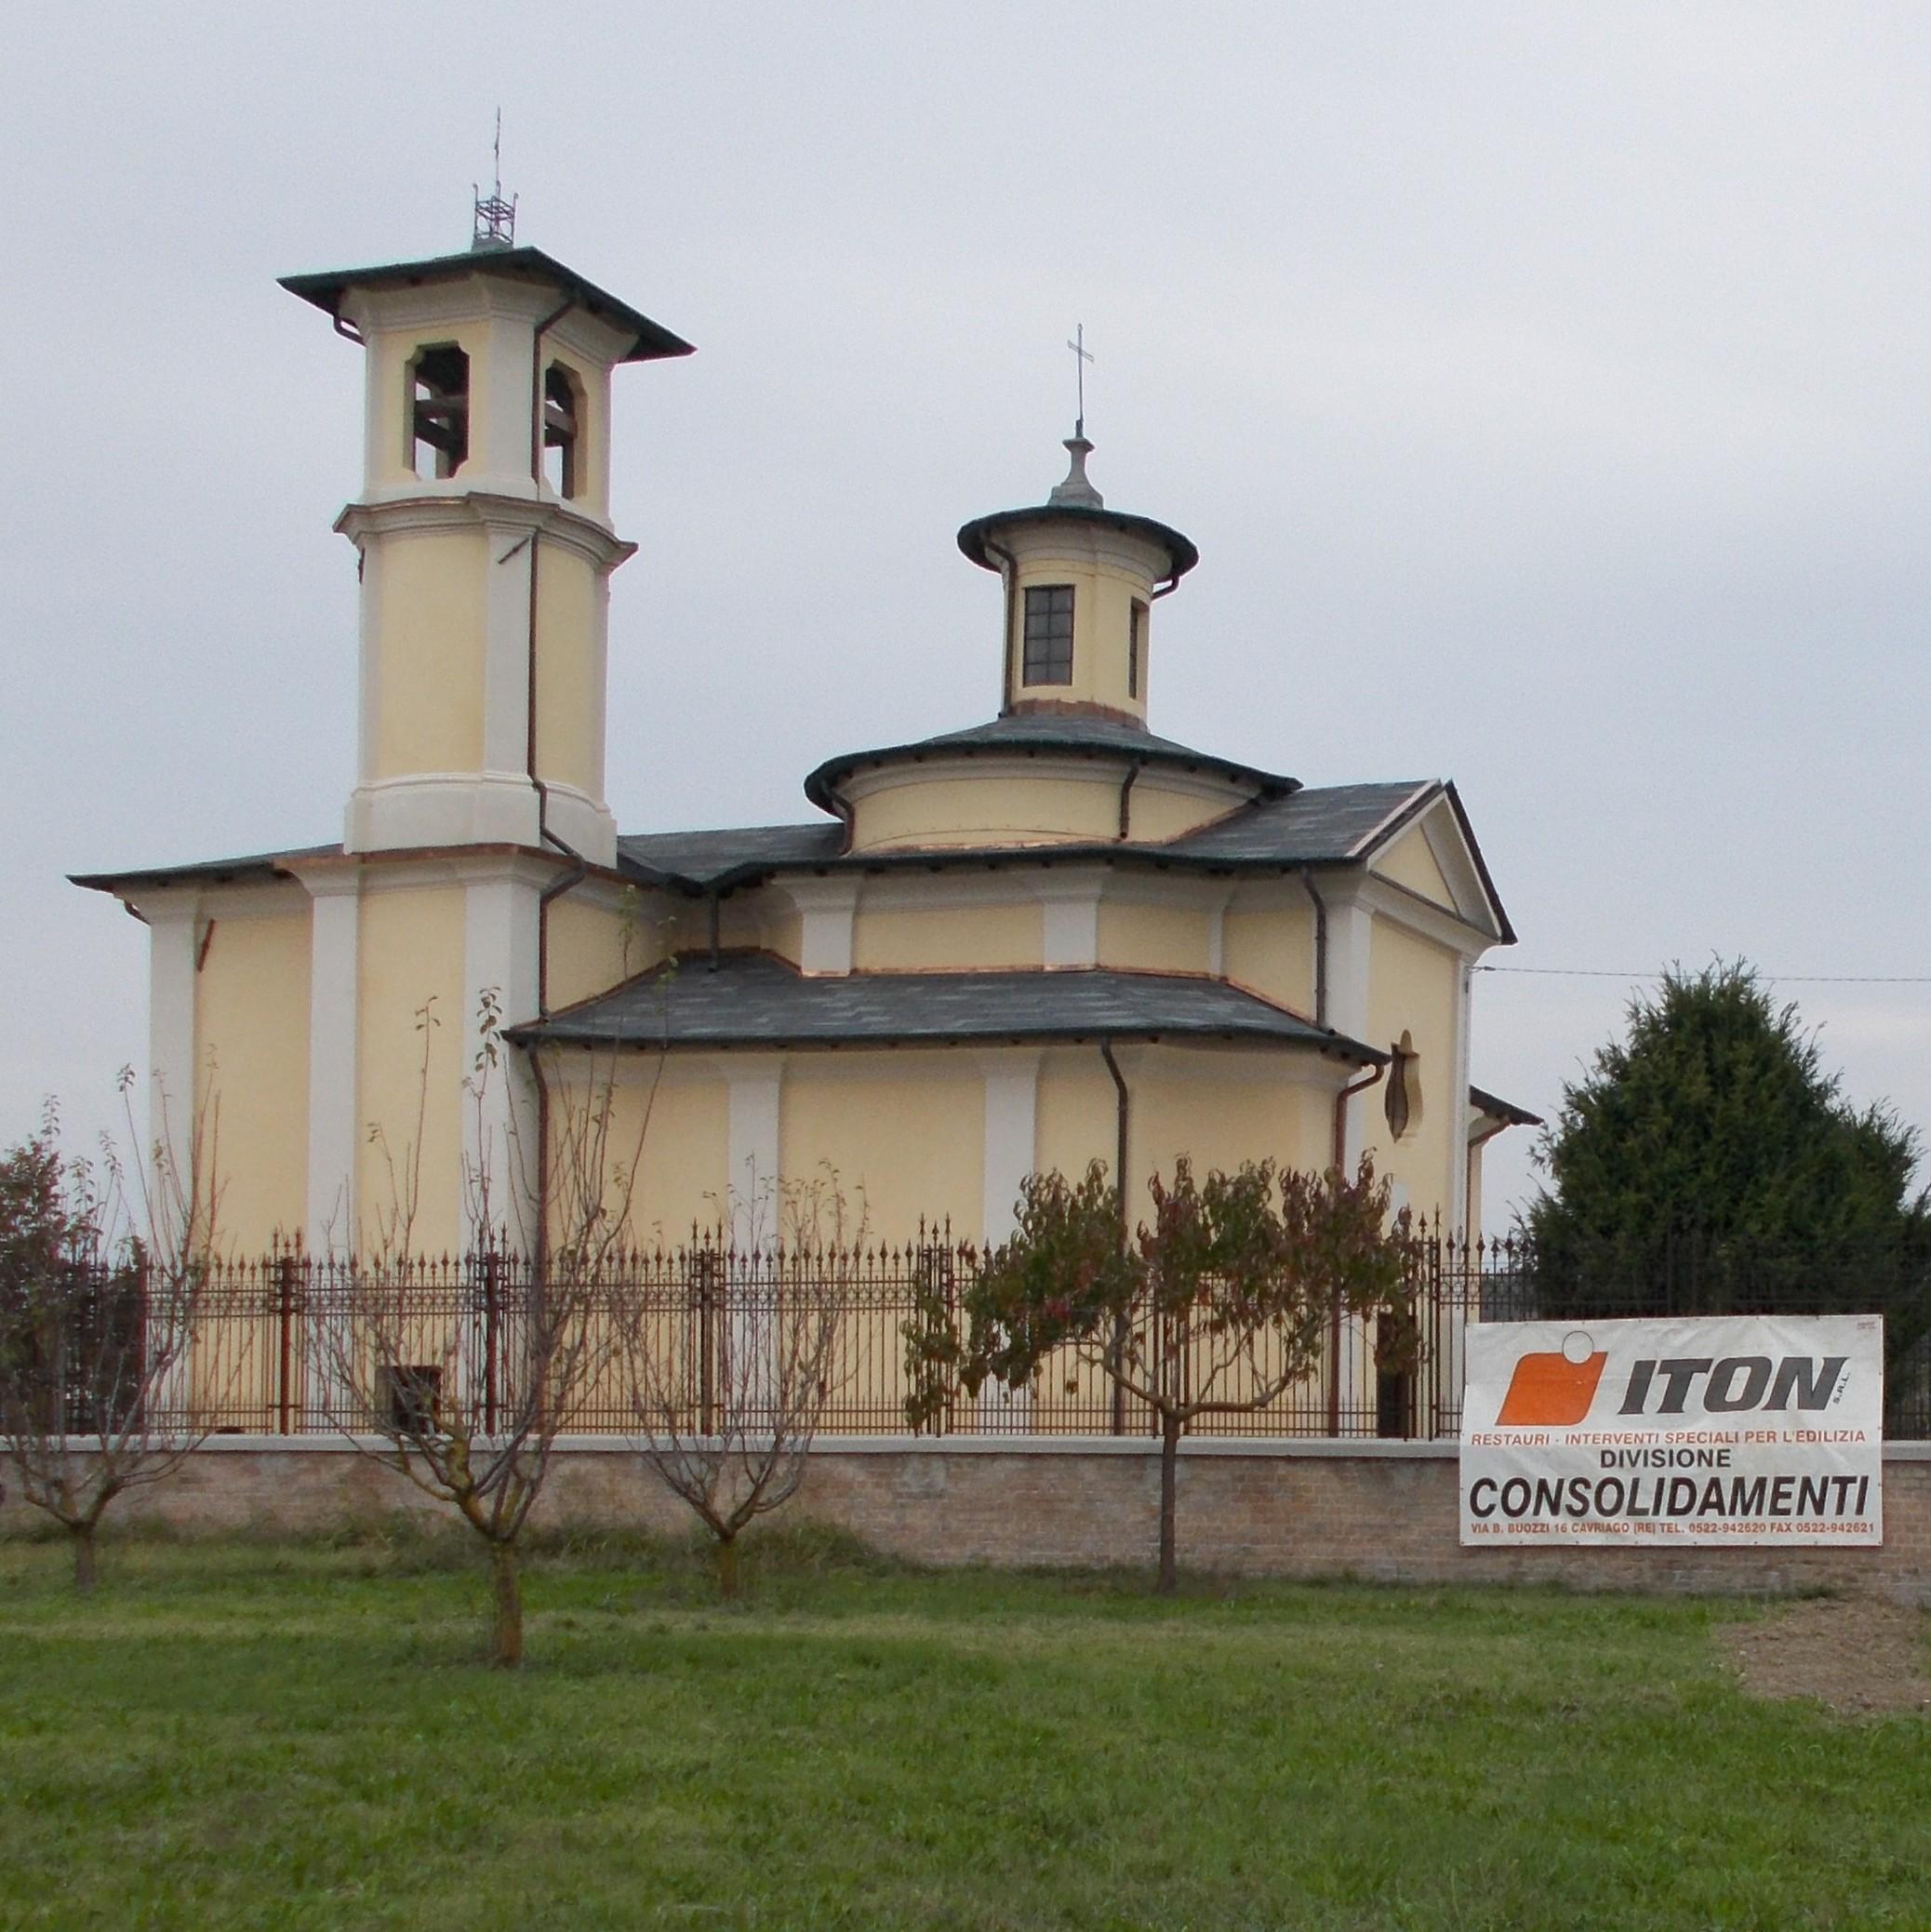 Consolidamento e restauro dell'oratorio di Lentigione (RE) - ITON SRL